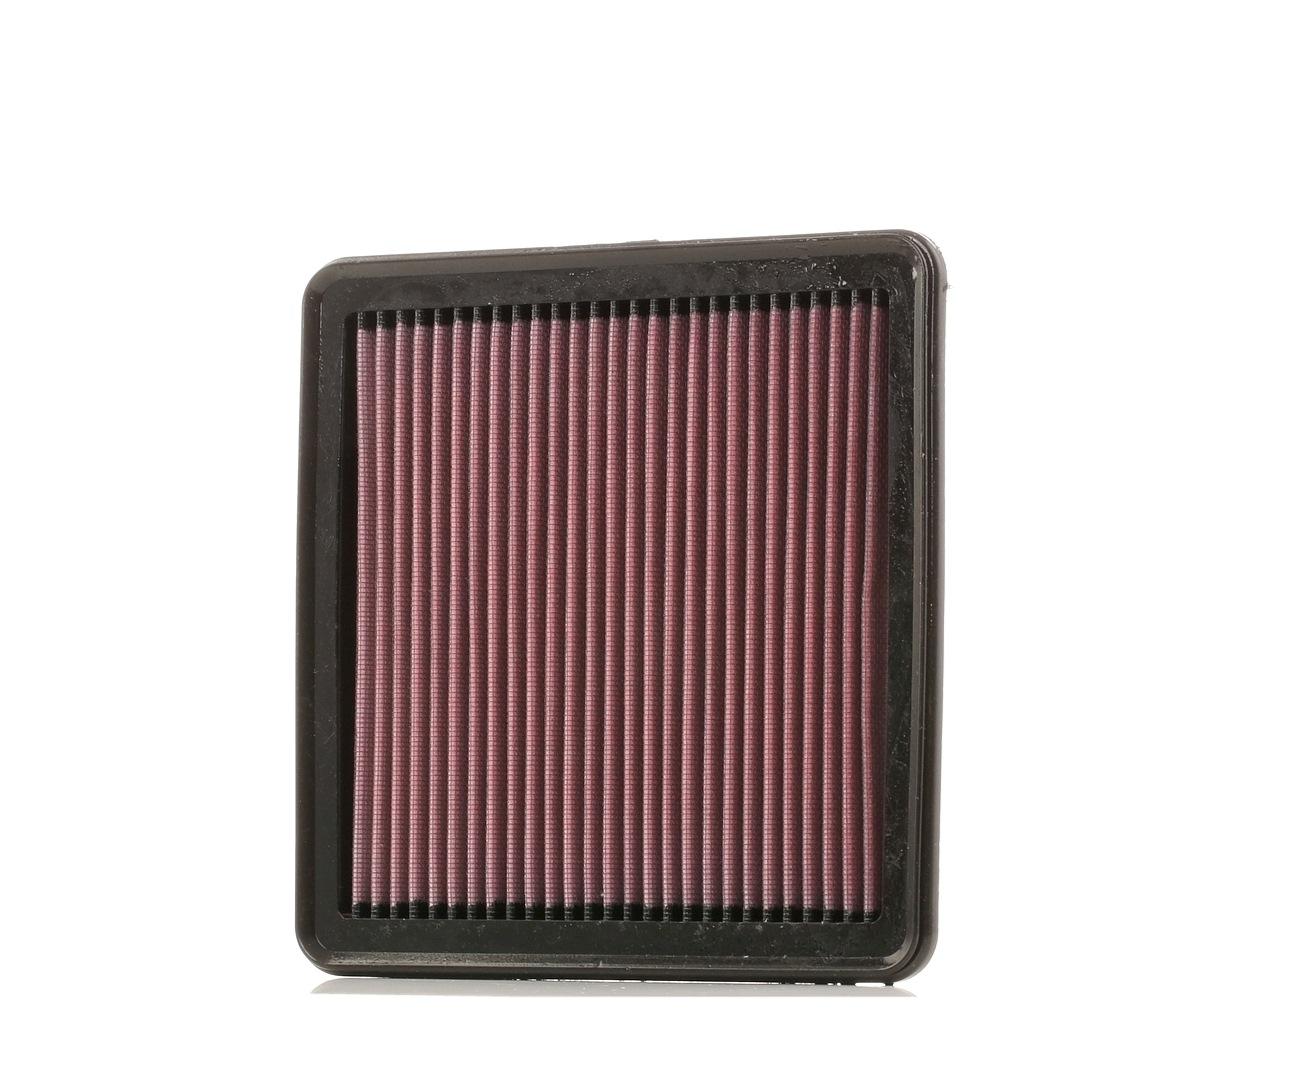 K&N Filters: Original Motorluftfilter 33-2304 (Länge: 222mm, Länge: 222mm, Breite: 217mm, Höhe: 24mm)